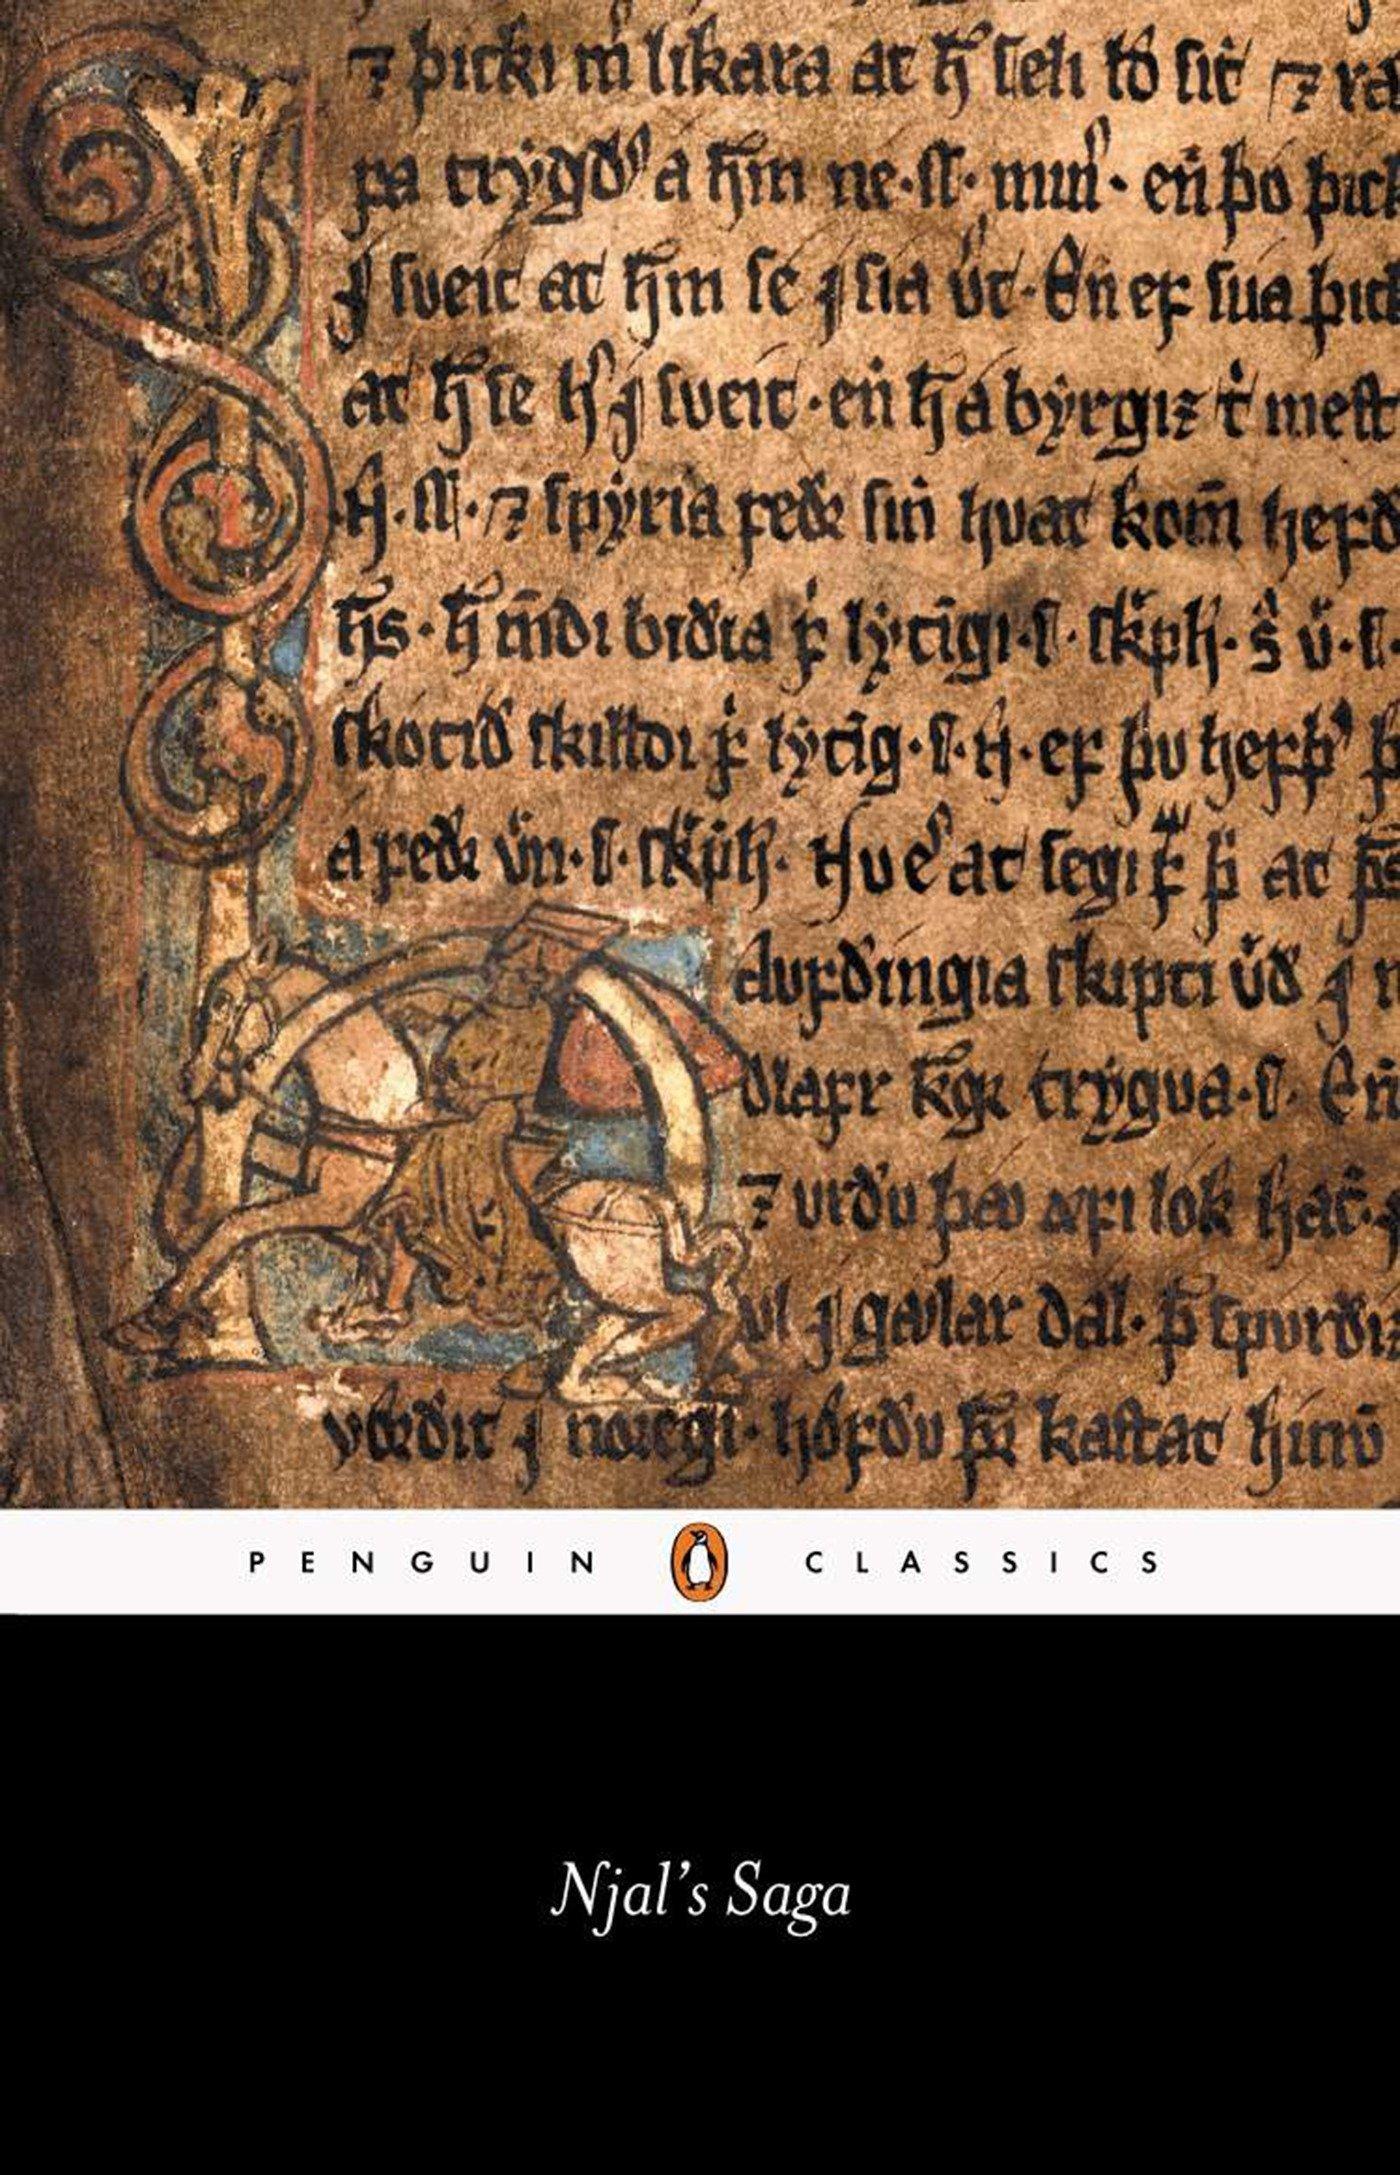 Njal S Saga Penguin Classics Cook Robert Cook Robert Cook Robert Cook Robert 9780140447699 Amazon Com Books